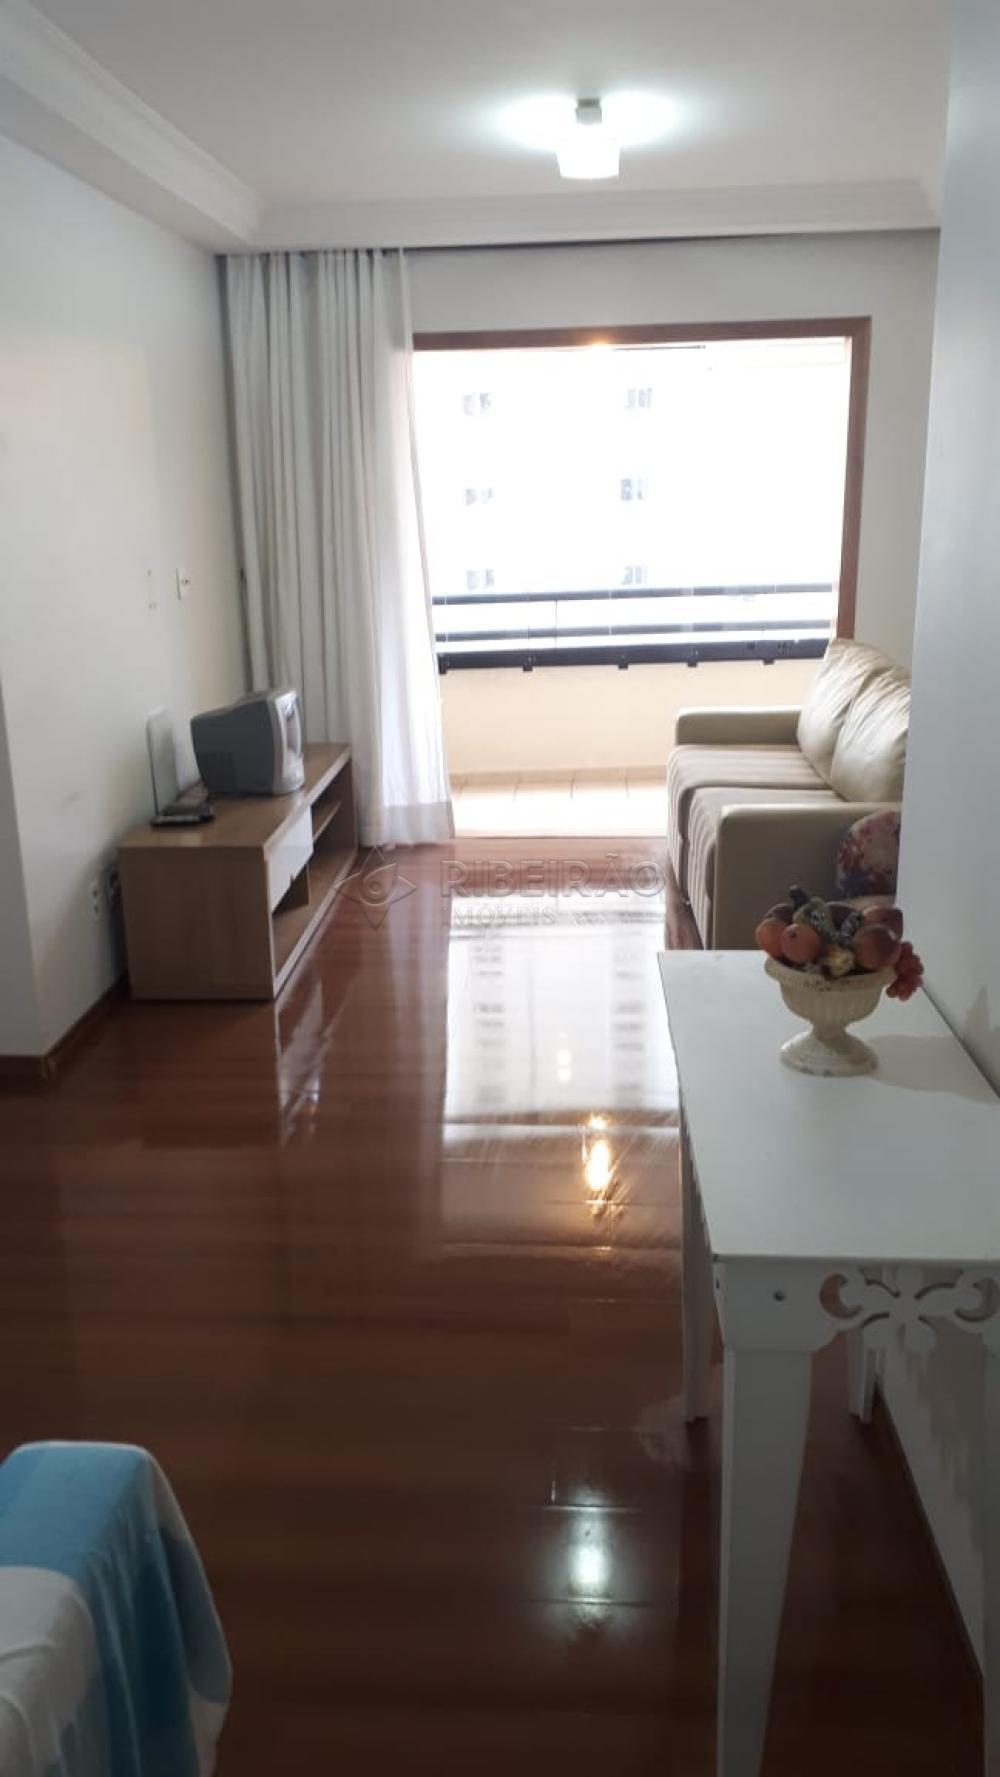 Comprar Apartamento / Padrão em São Paulo R$ 720.000,00 - Foto 4